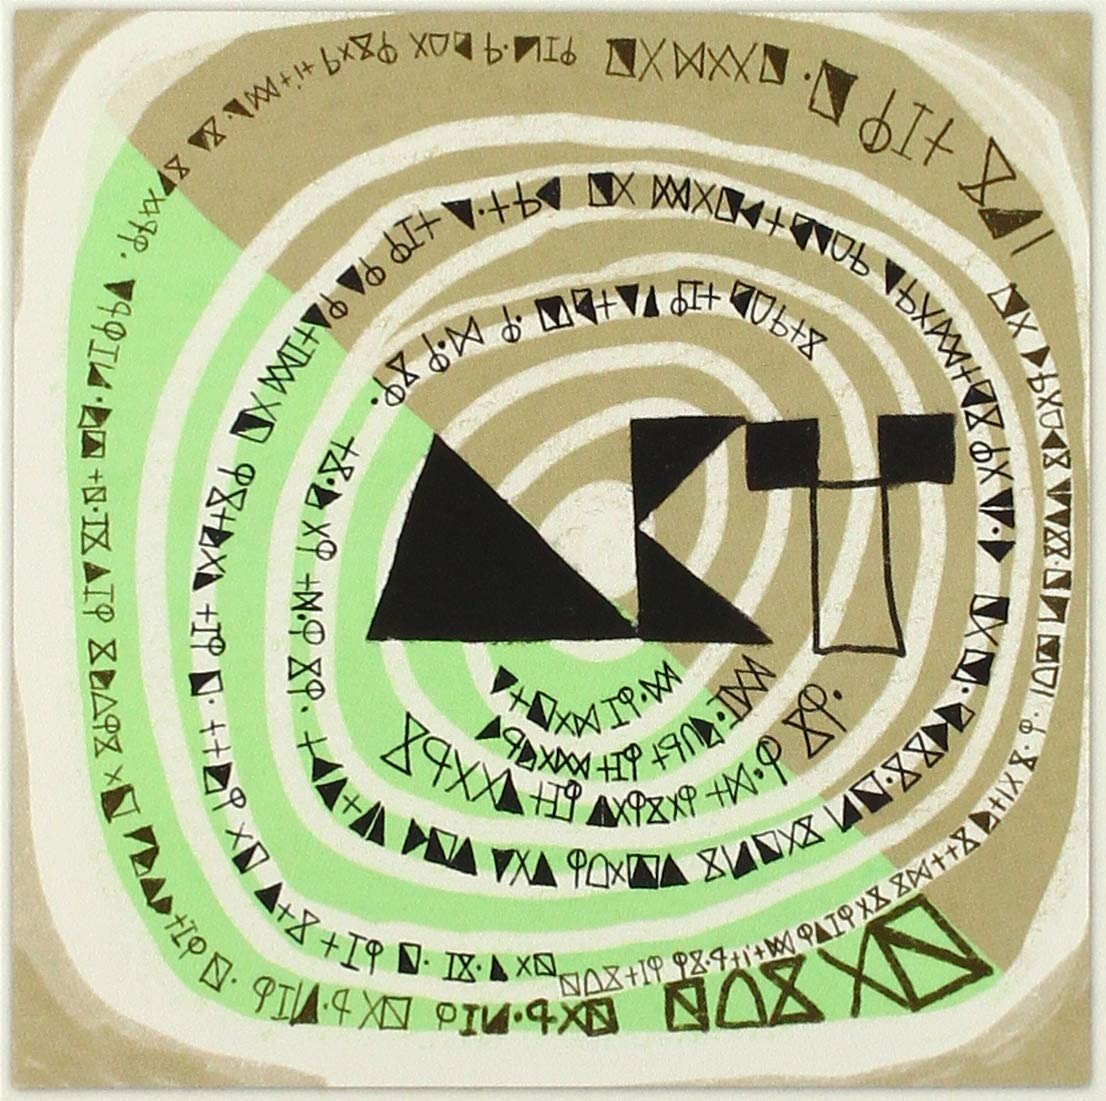 ACHIM KIRCHMAIR - Achim Kirchmair Trio : Sunkeeper cover